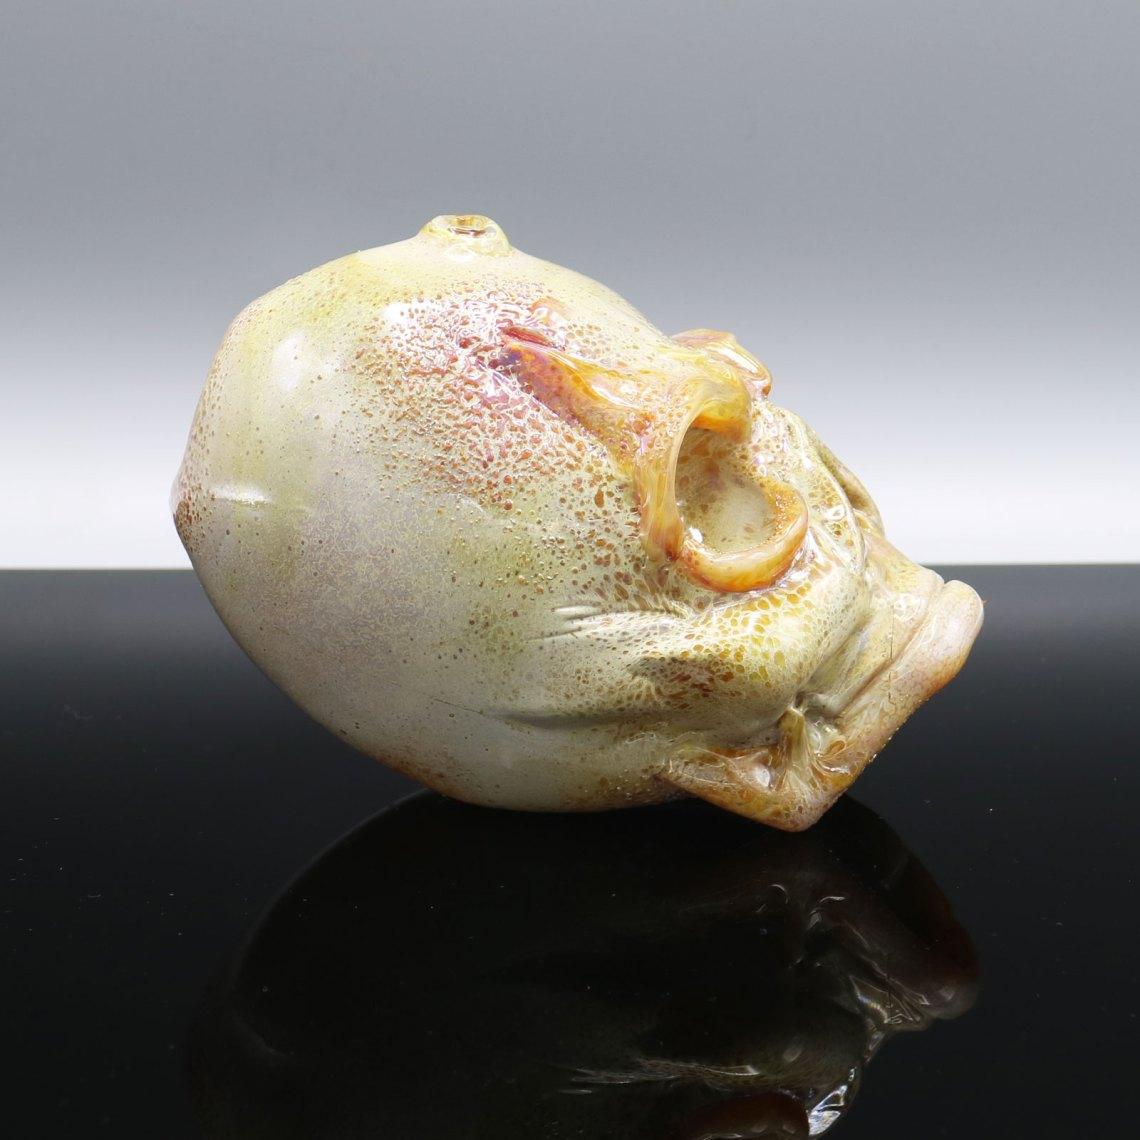 Jonny Carrcass – Mini Functional One Eyed Skull Sculpture